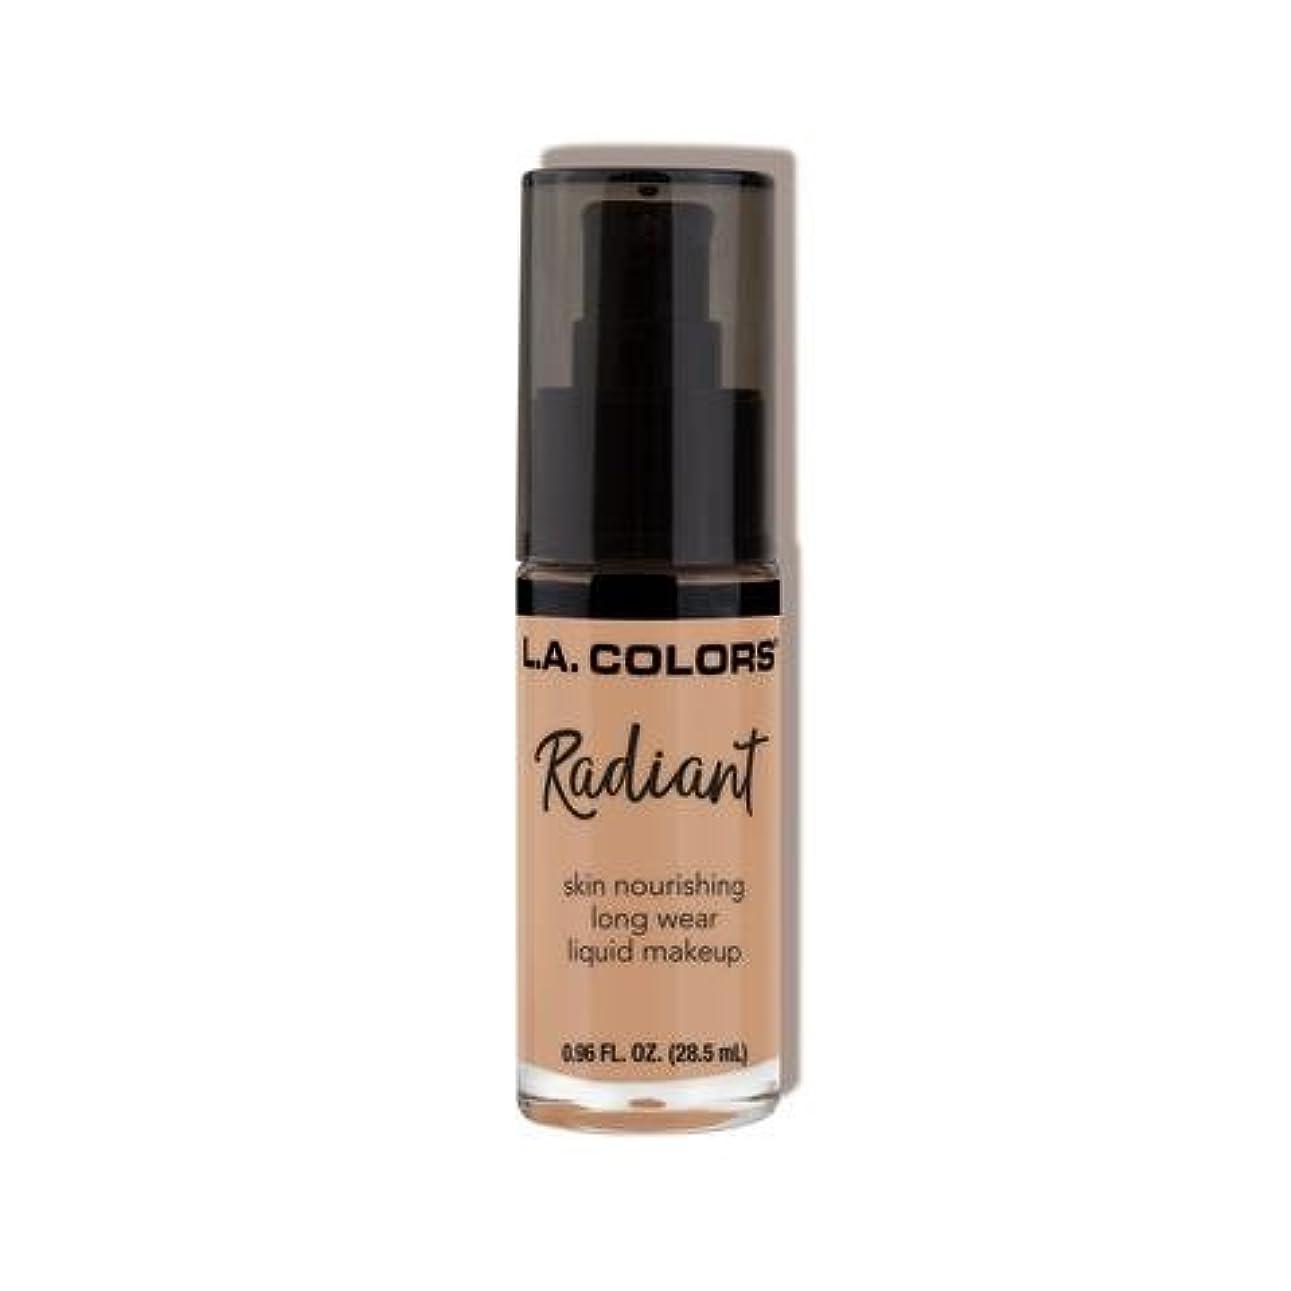 ディスコ仲人シーケンス(3 Pack) L.A. COLORS Radiant Liquid Makeup - Fair (並行輸入品)